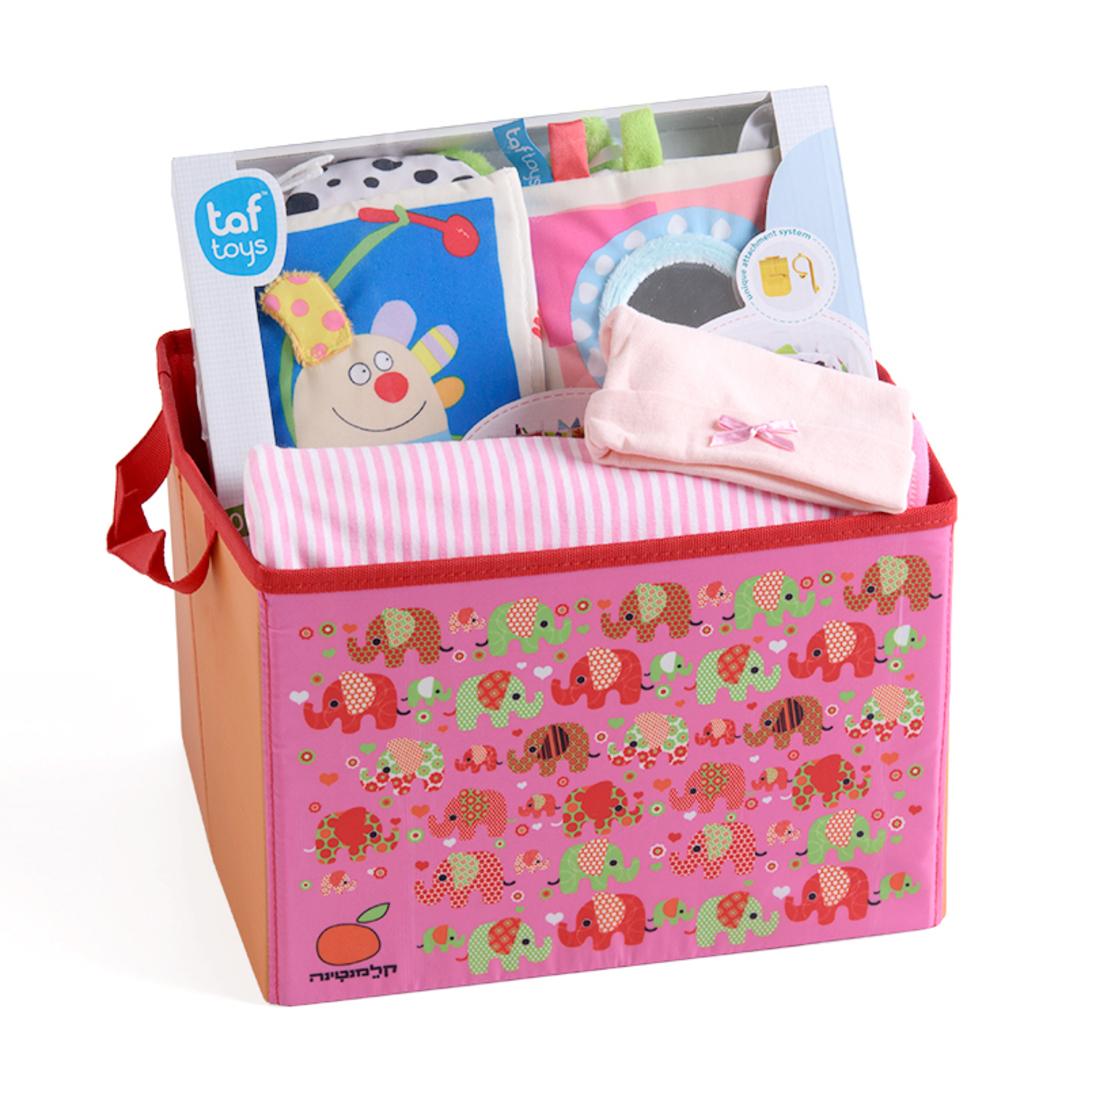 13# - התרגשות בלב לבת : חבילת לידה מרגשת ובה שמיכה, ספר בד וכובע בקופסת צעצועים